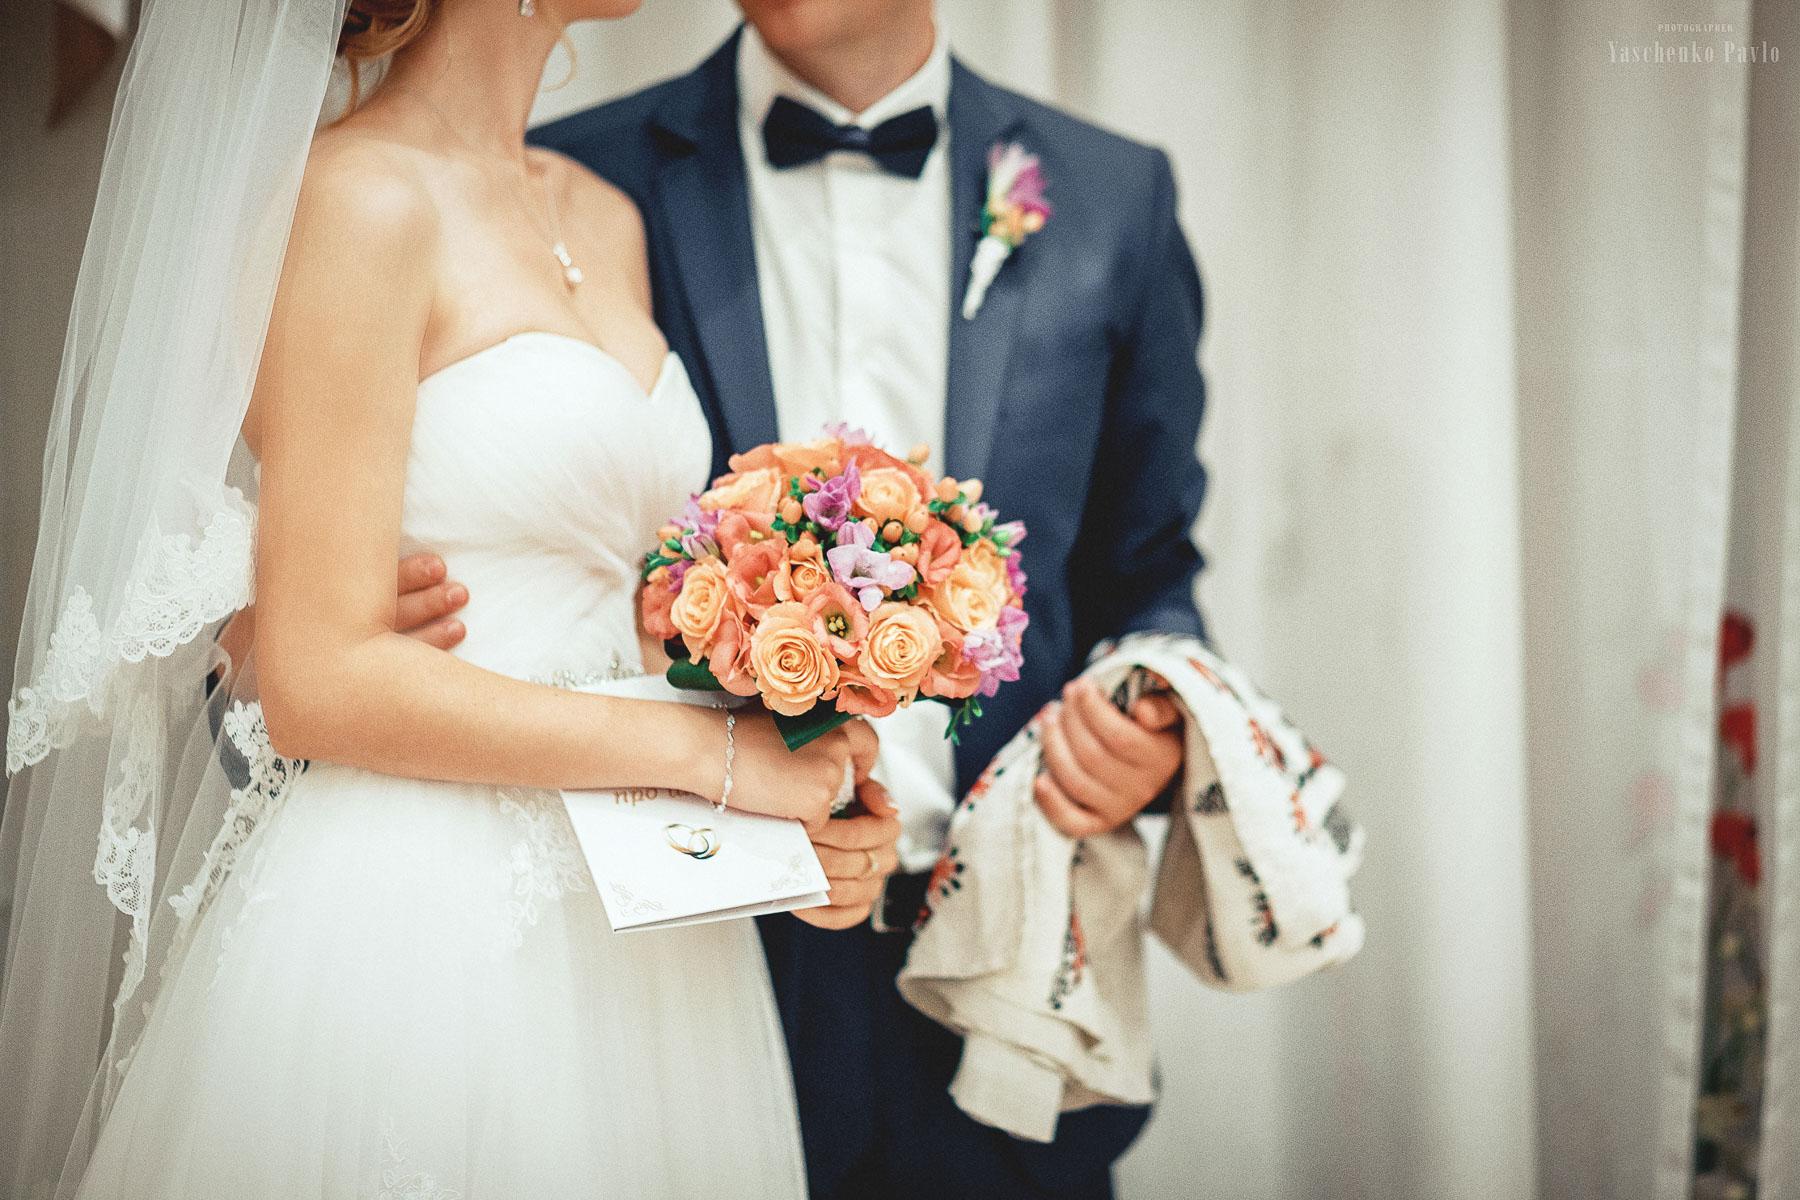 Свадьба в большой семье